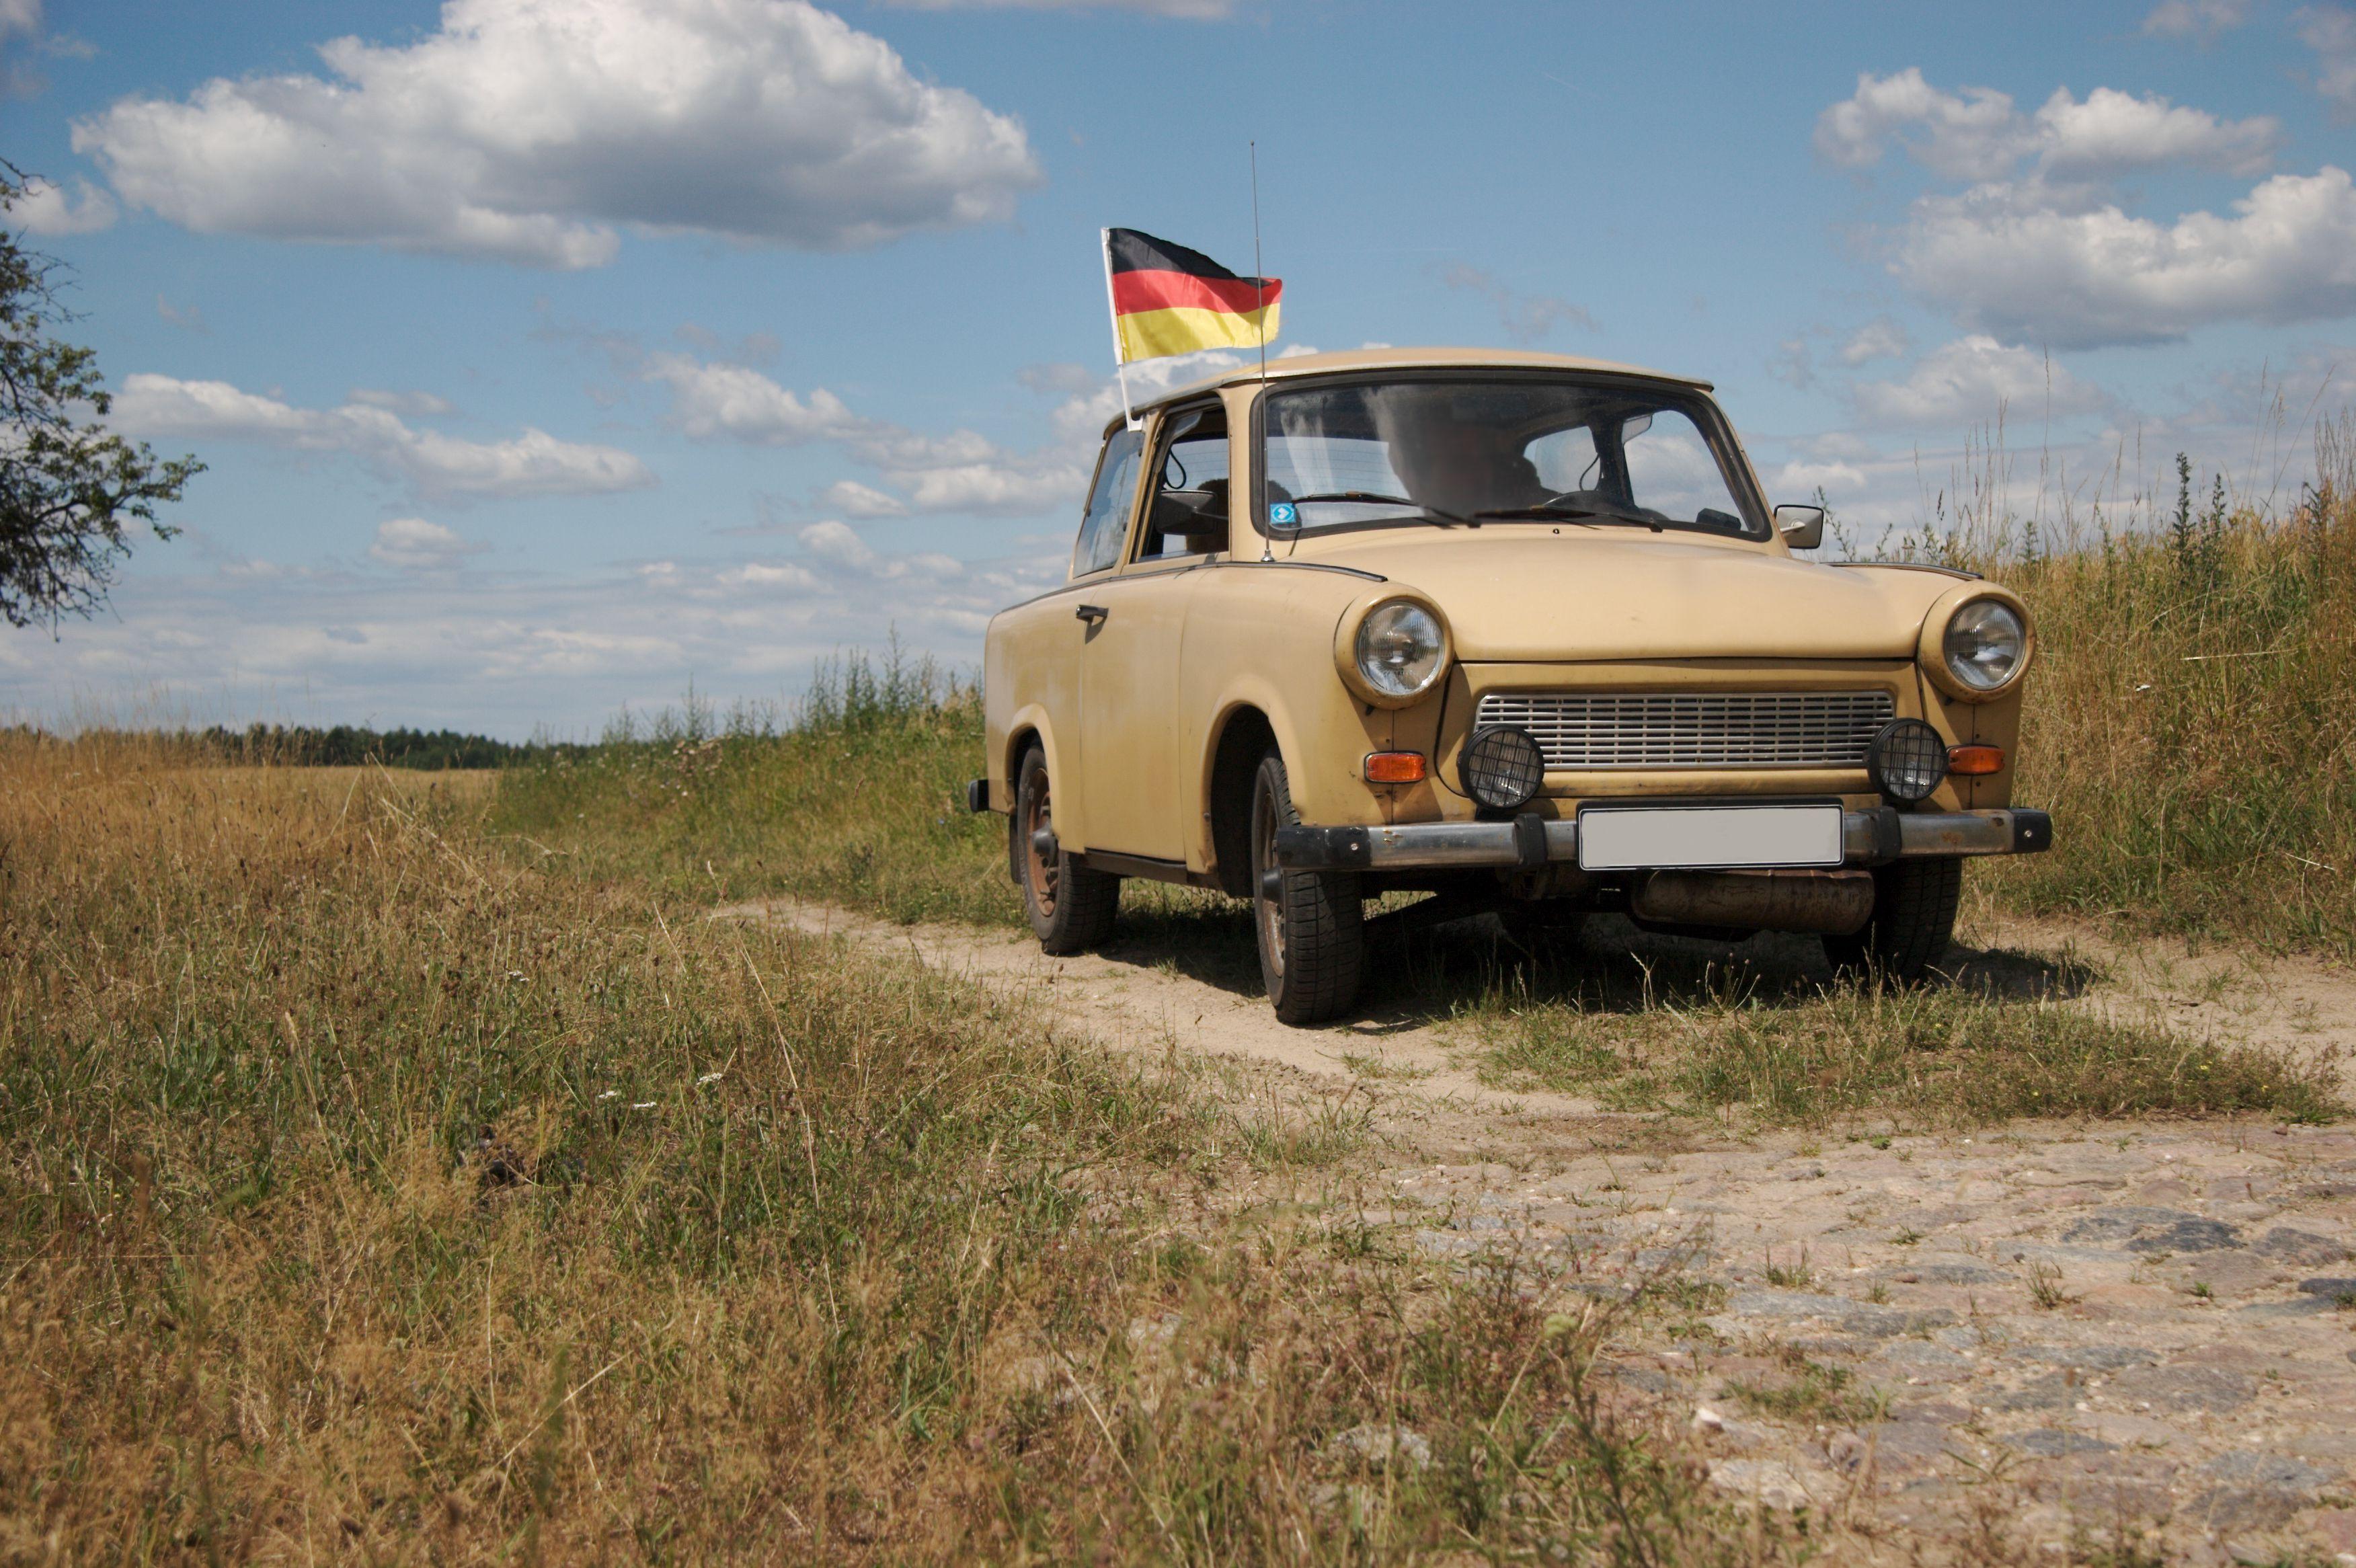 trabant, car from GDR, built 1986